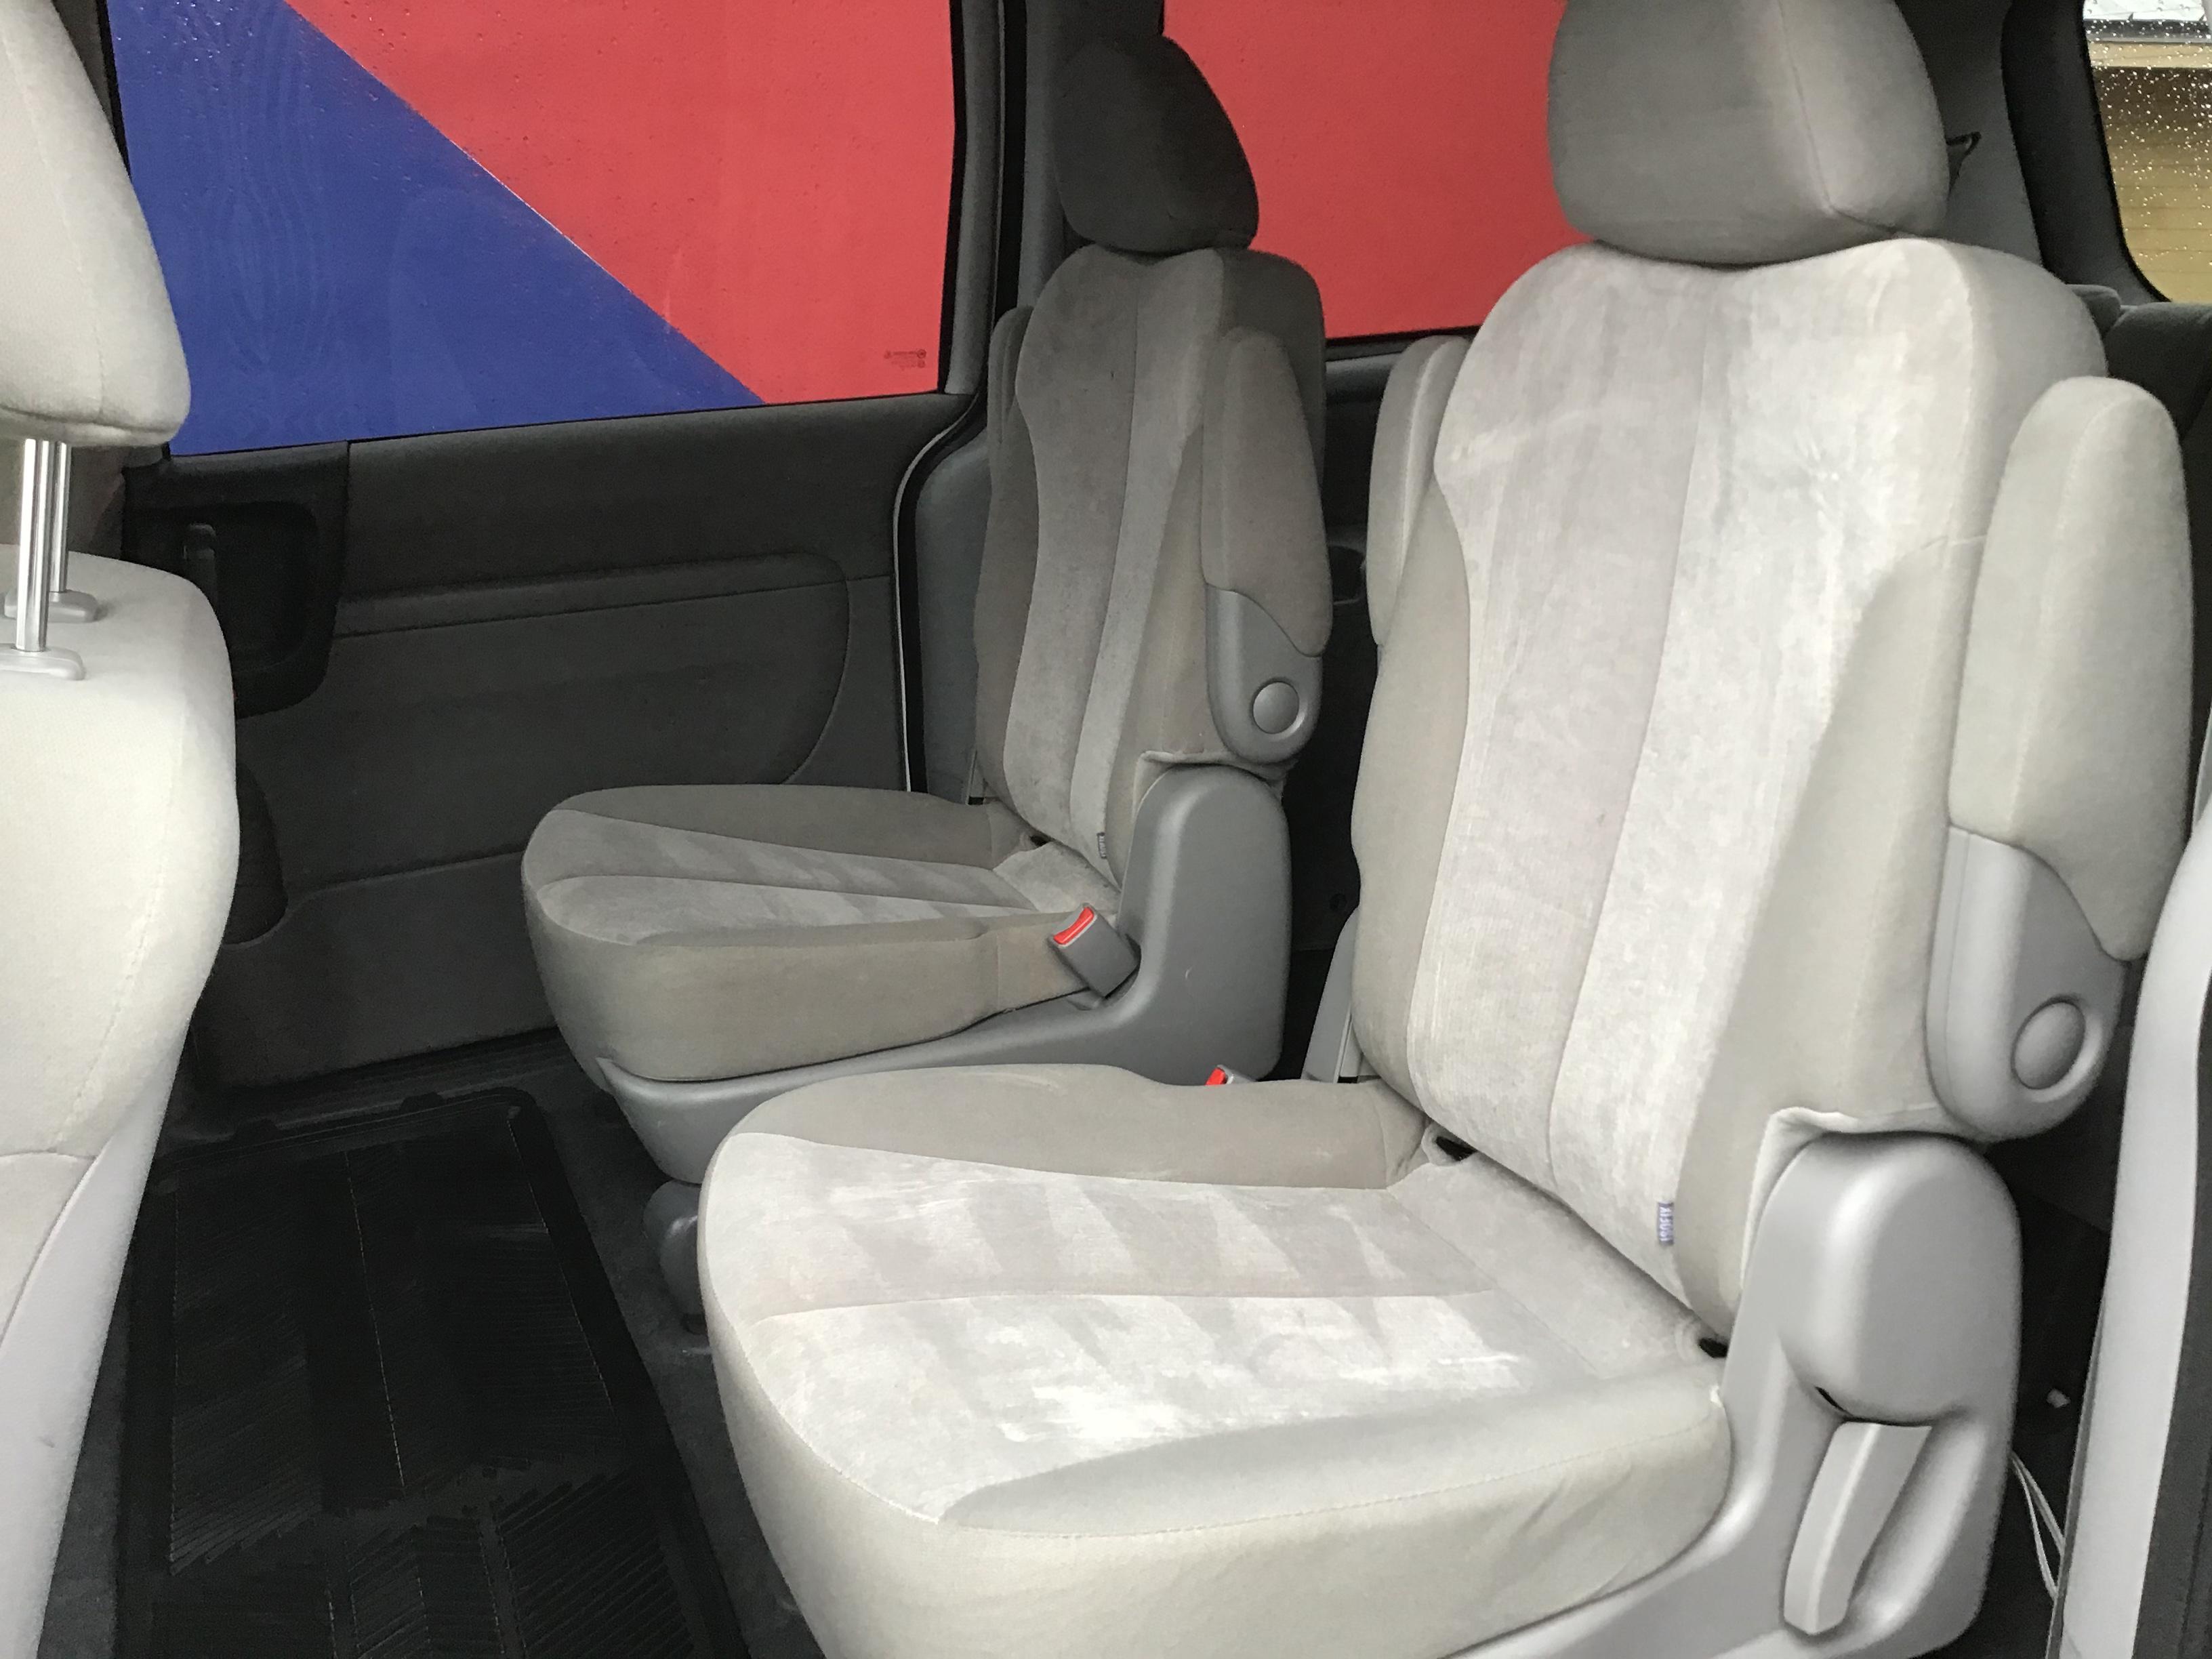 used vehicle - Passenger Van KIA SEDONA 2014